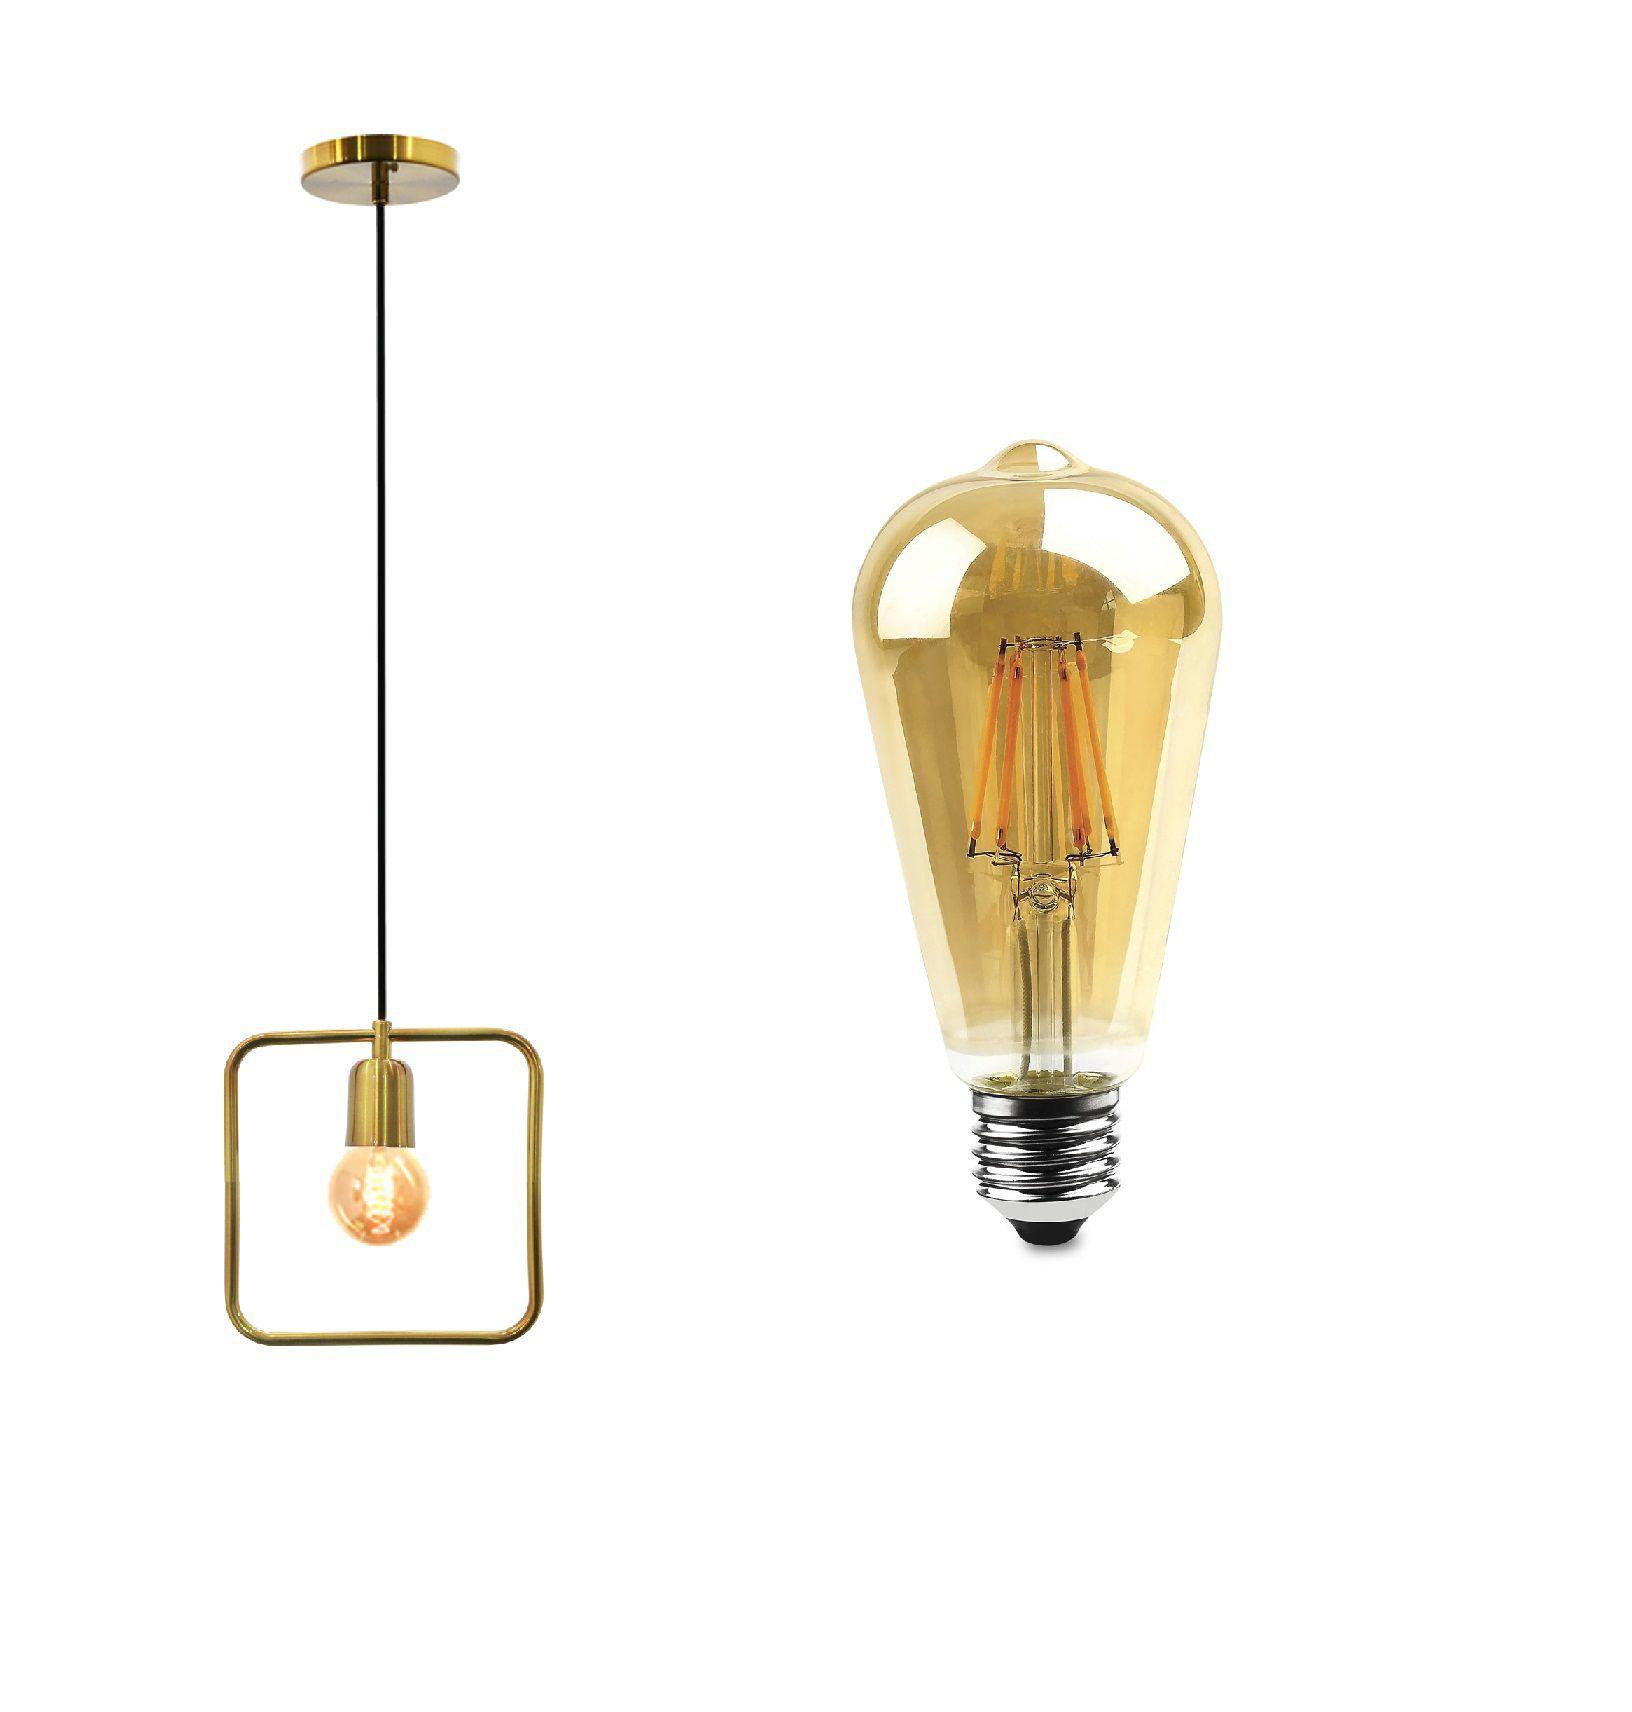 KIT Pendente quadrado verniz ouro 25cm e 1 lâmpada de led pêra vintage st64 filamento 4W Evoled